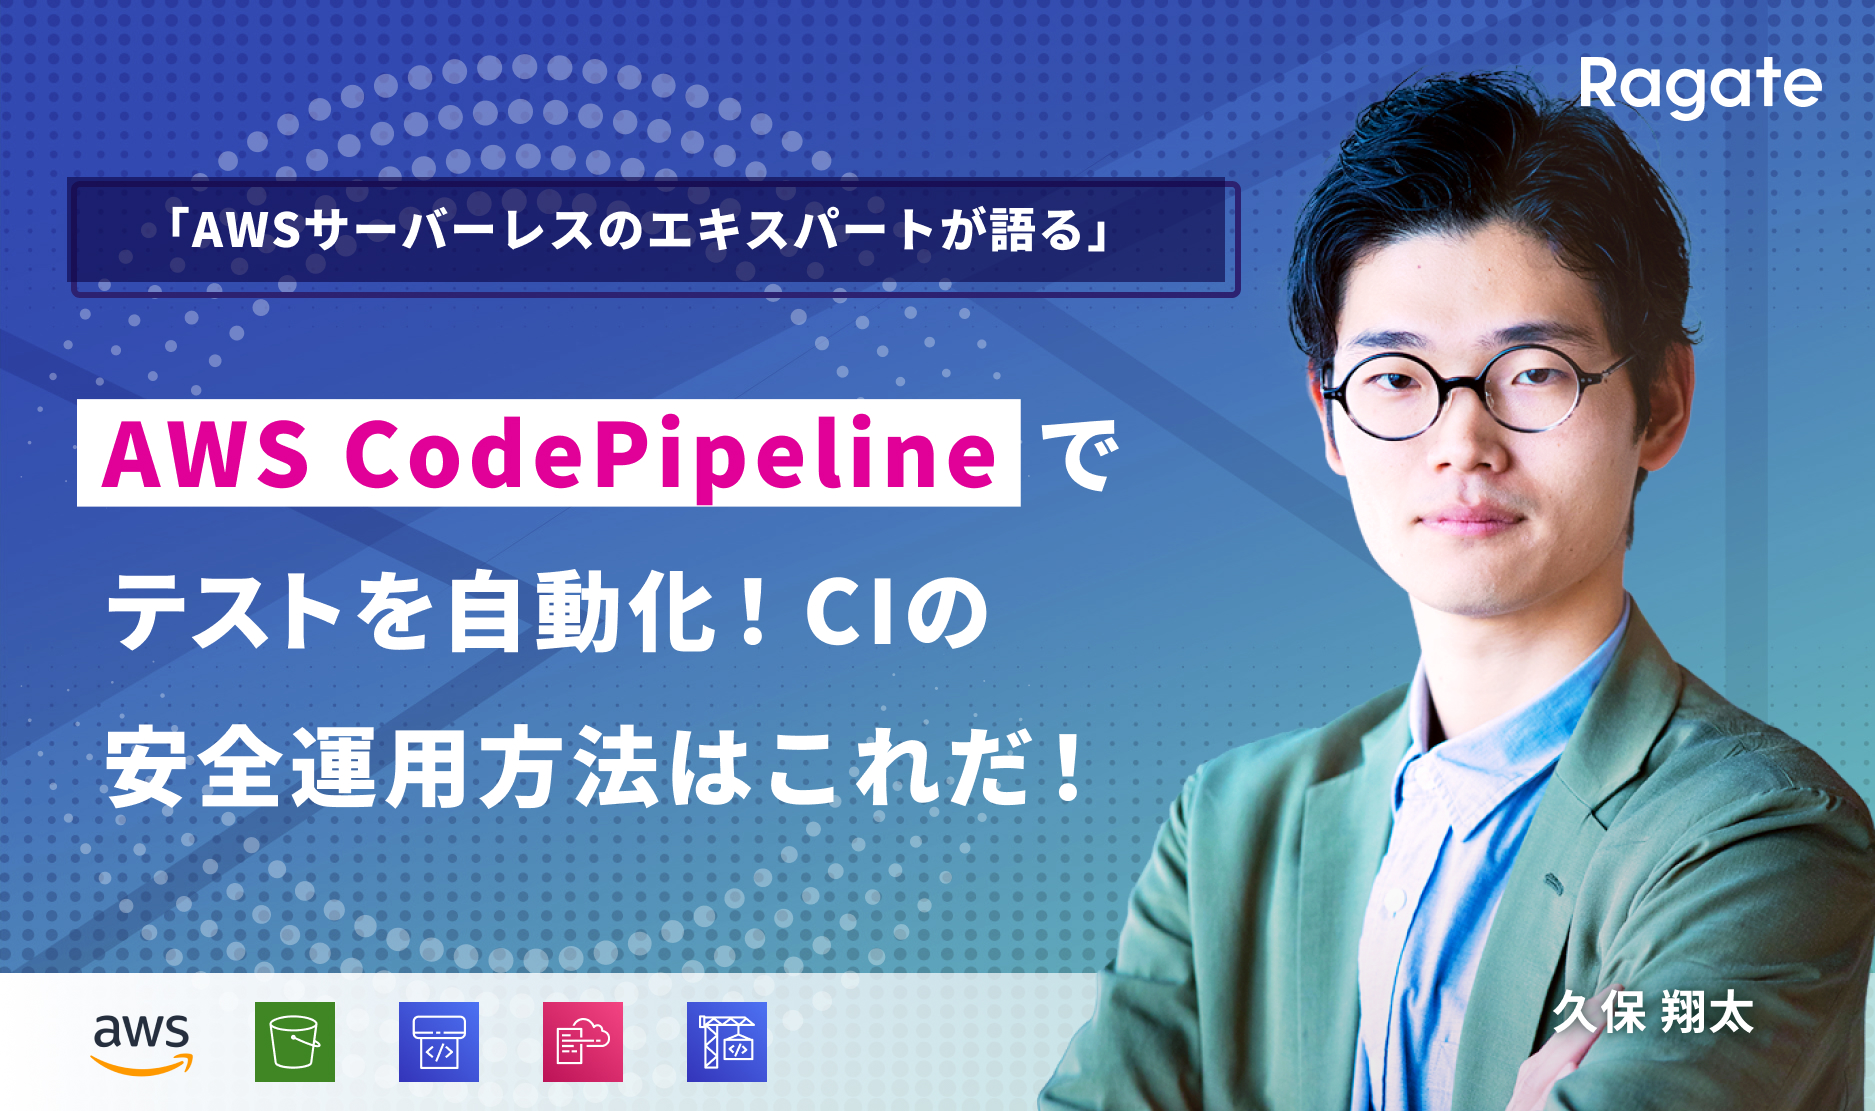 AWS CodePipelineでテストを自動化!CIの安全運用方法はこれだ!